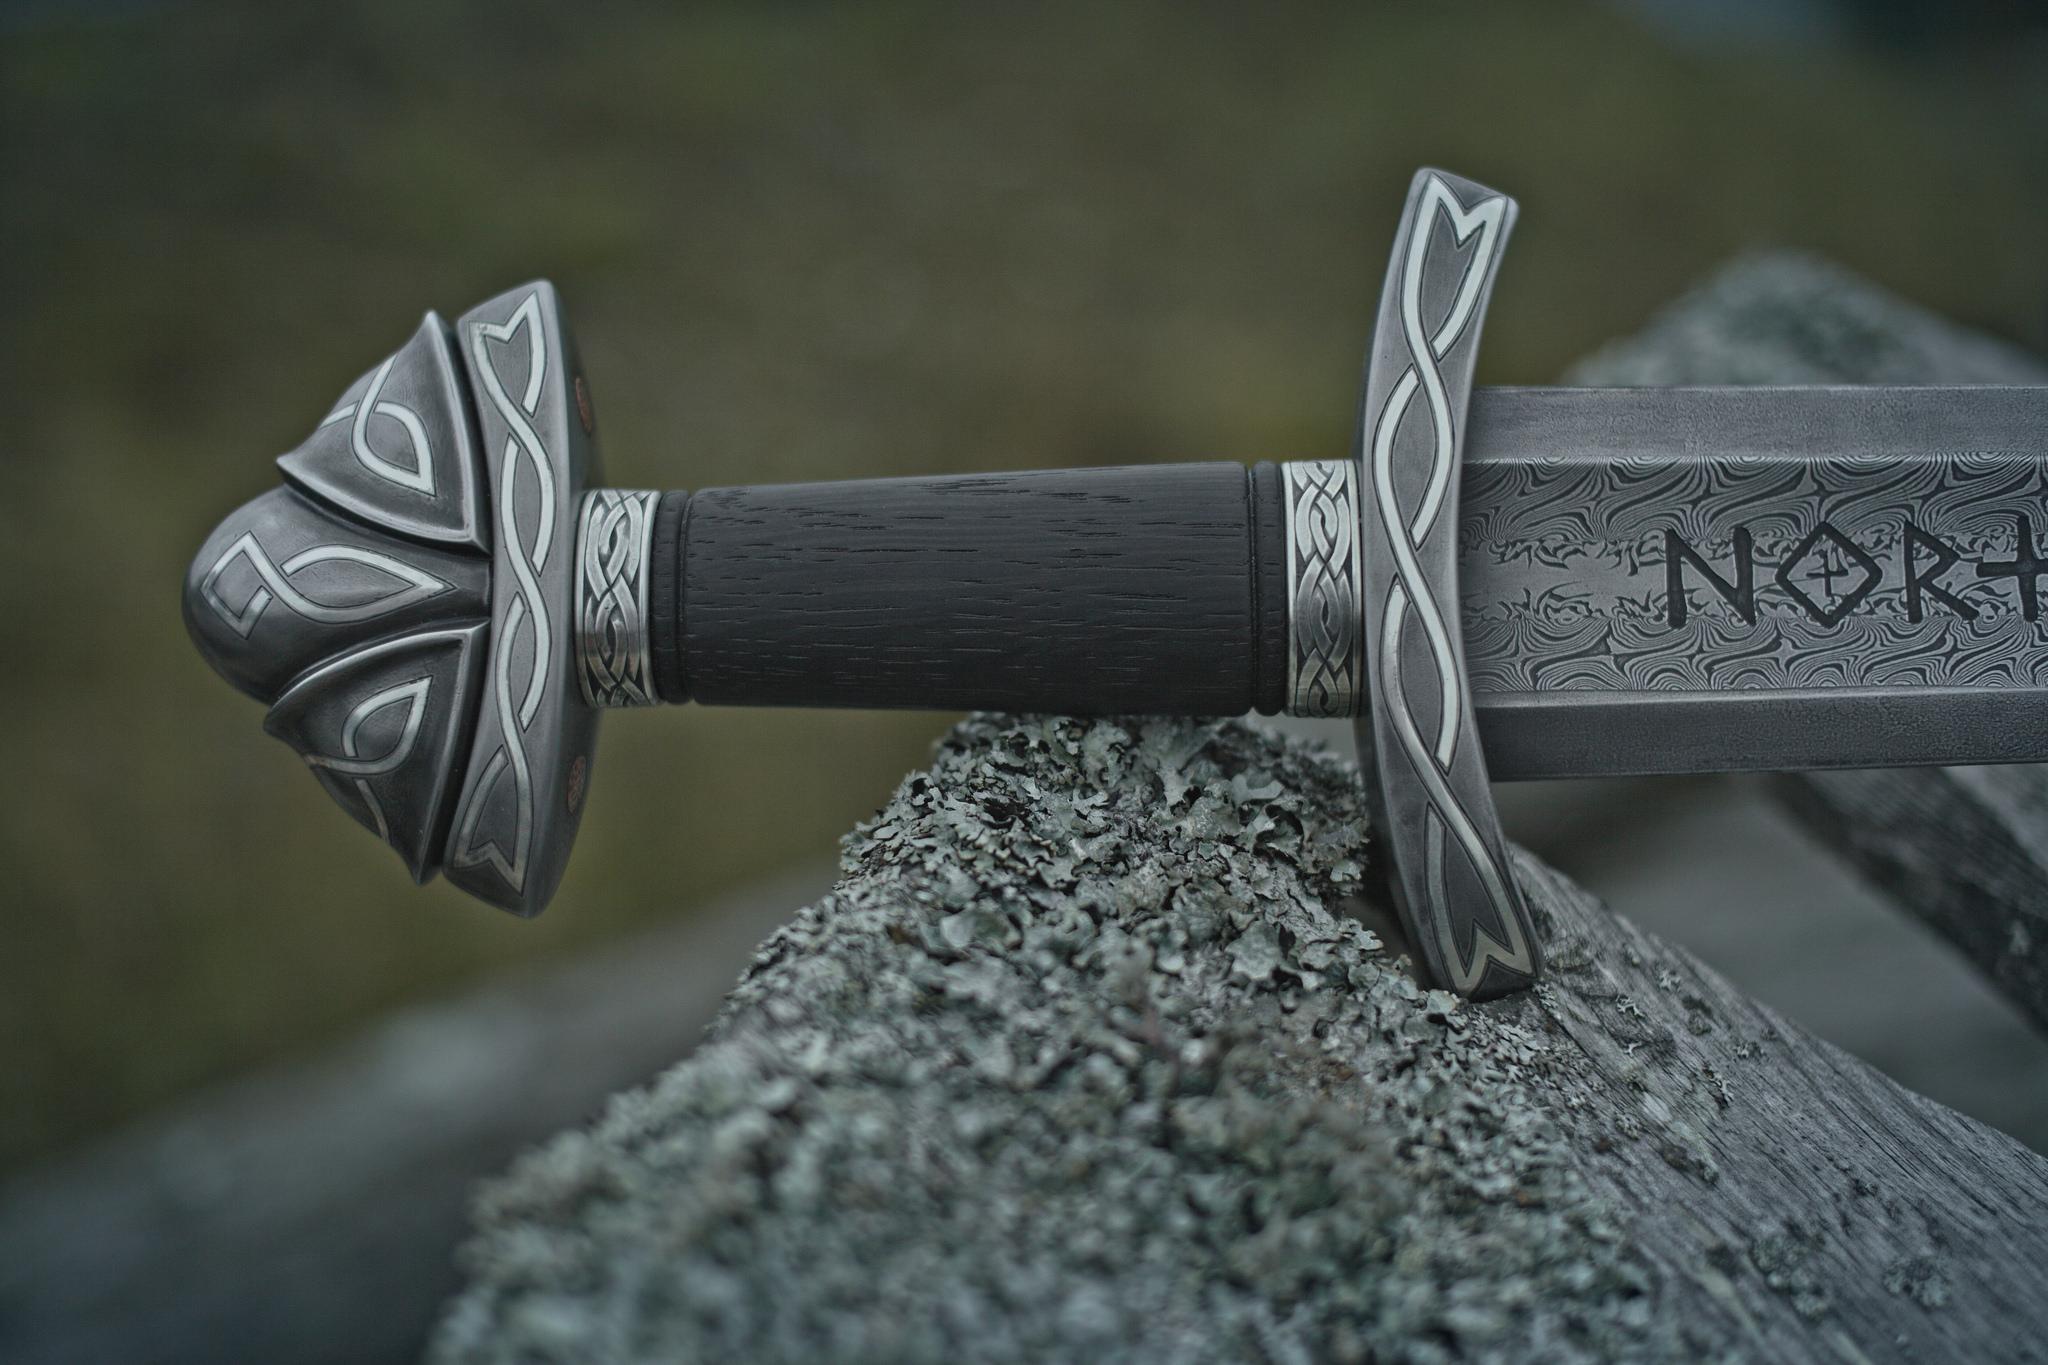 Northmen Guild Sword Feel Free To Cut The Tip Of Make It More Swords 37177659030 Ca1af9c921 K 36764628773 C8b23c5759